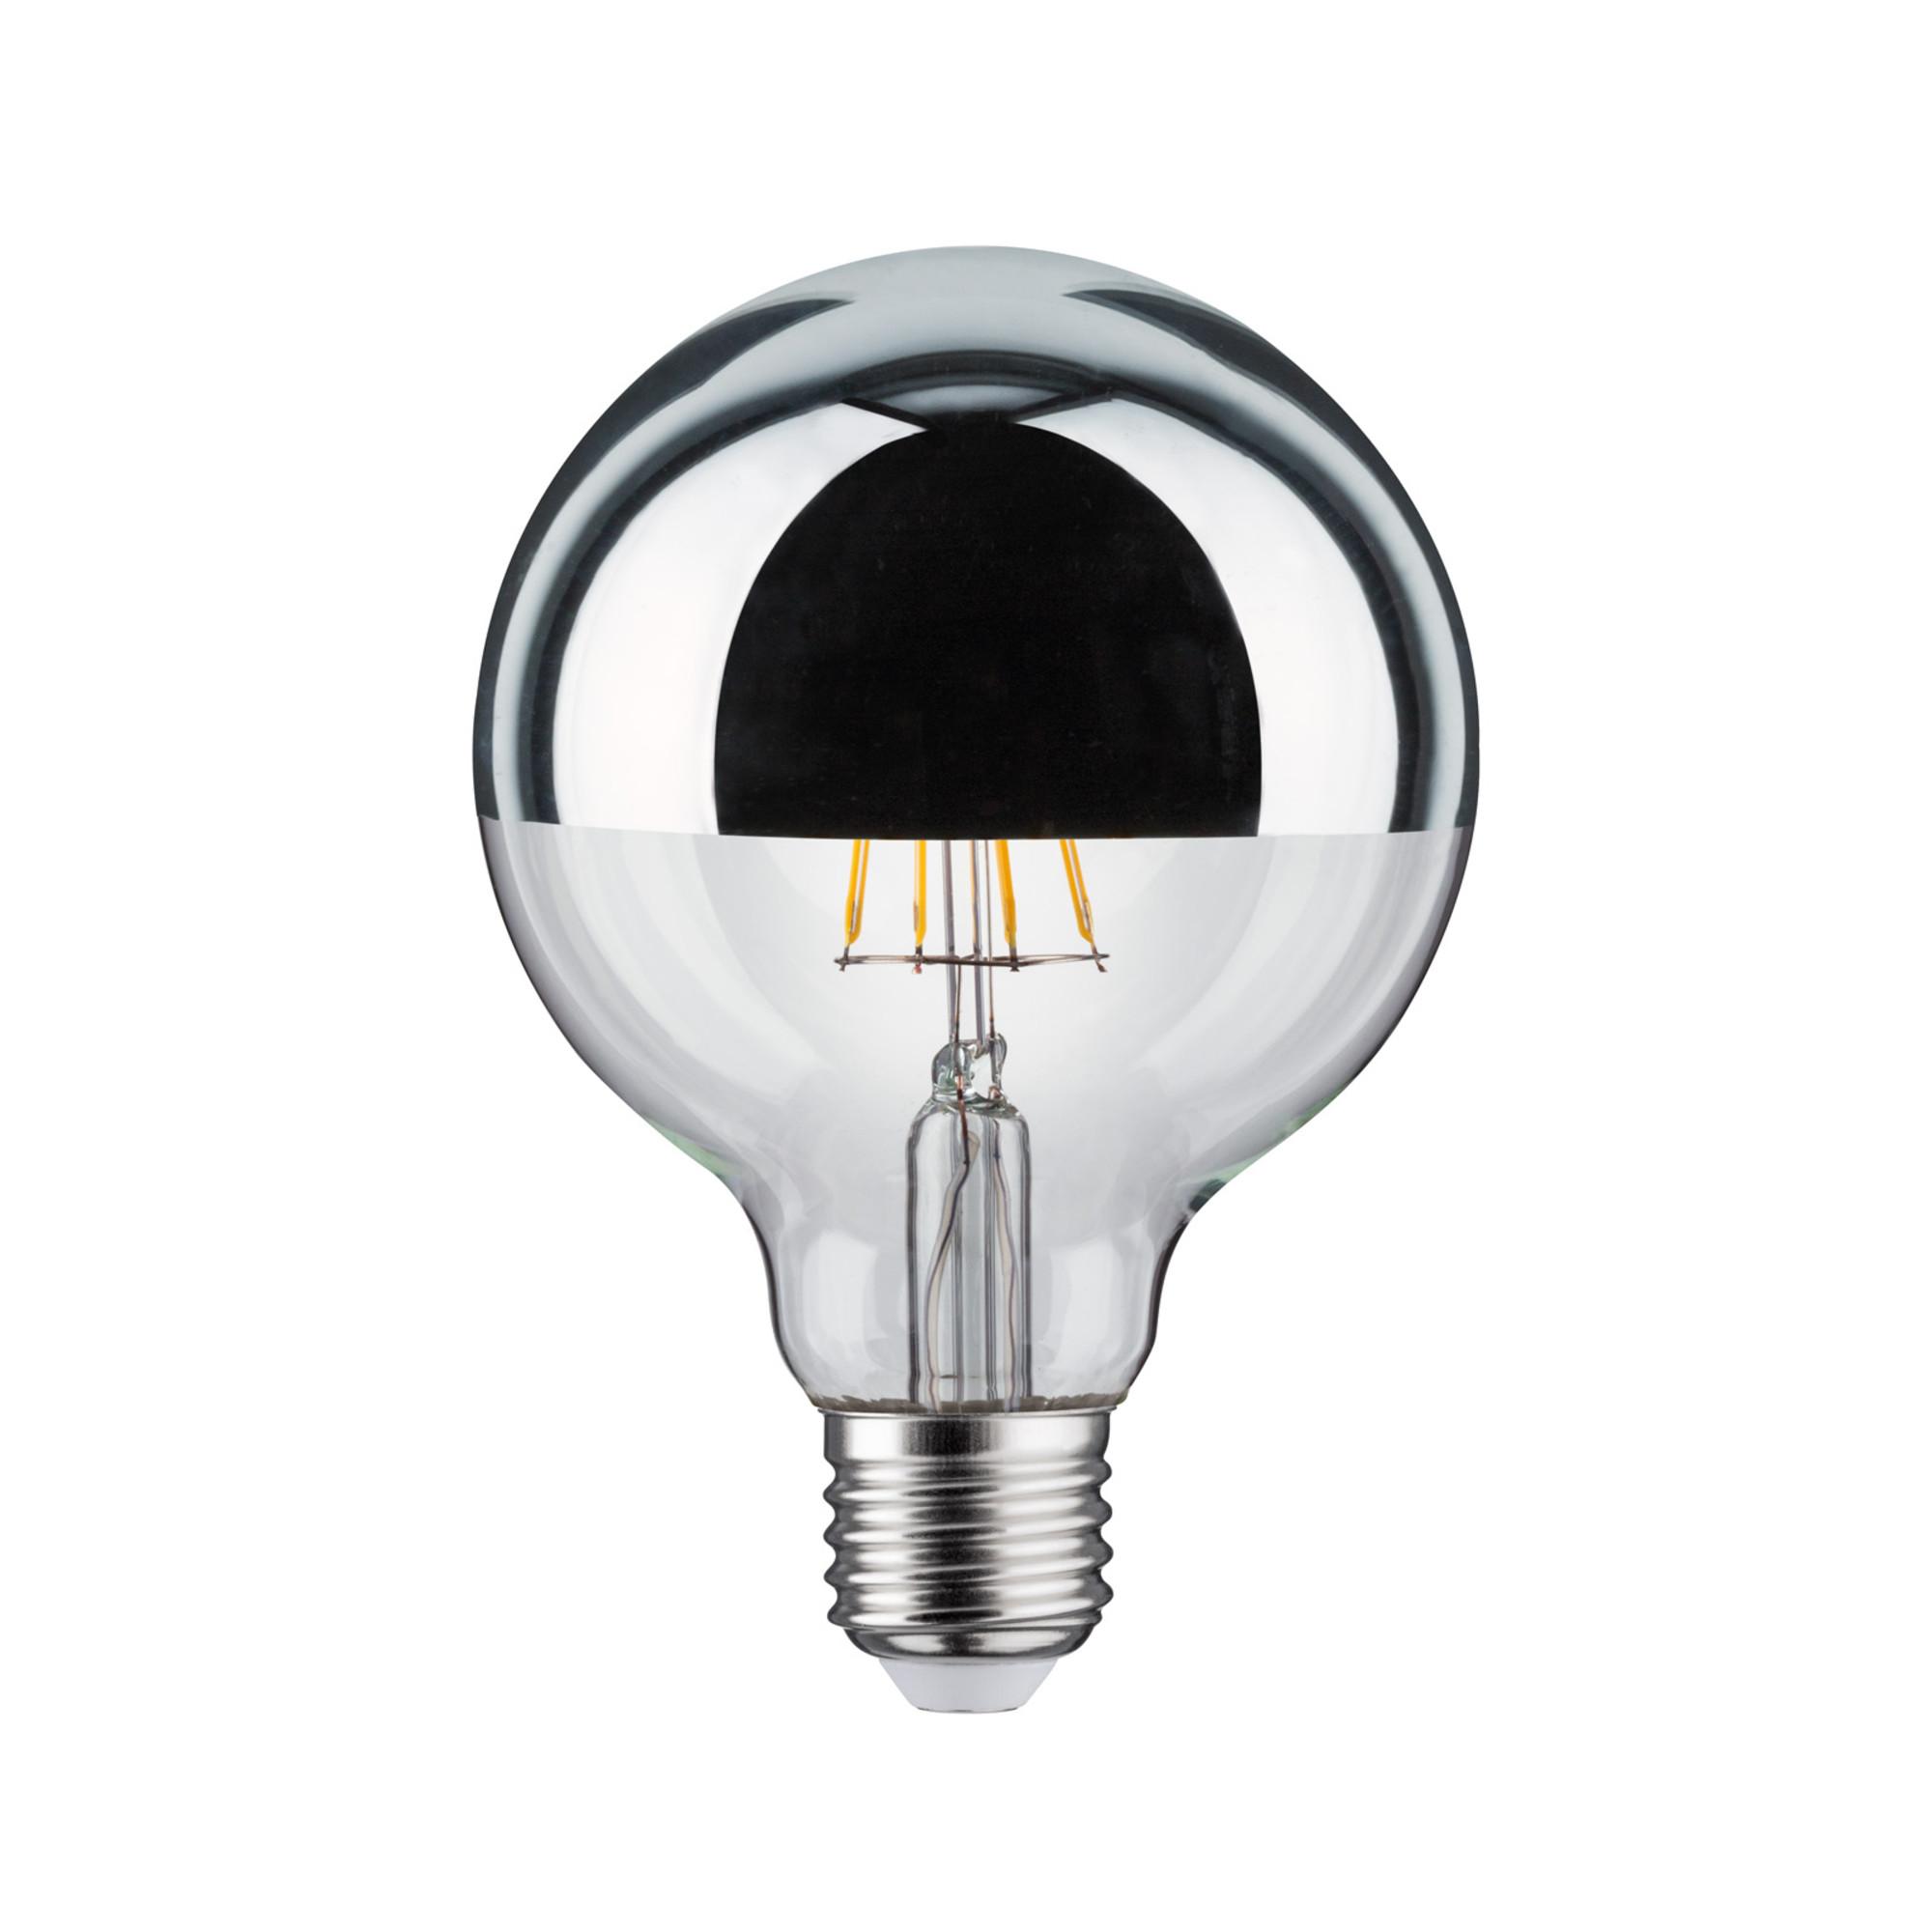 Лампа филаментная Paulmann Шар G95 5Вт 420лм 2700К Е27 230В Серебро Зеркальный верх 28387.